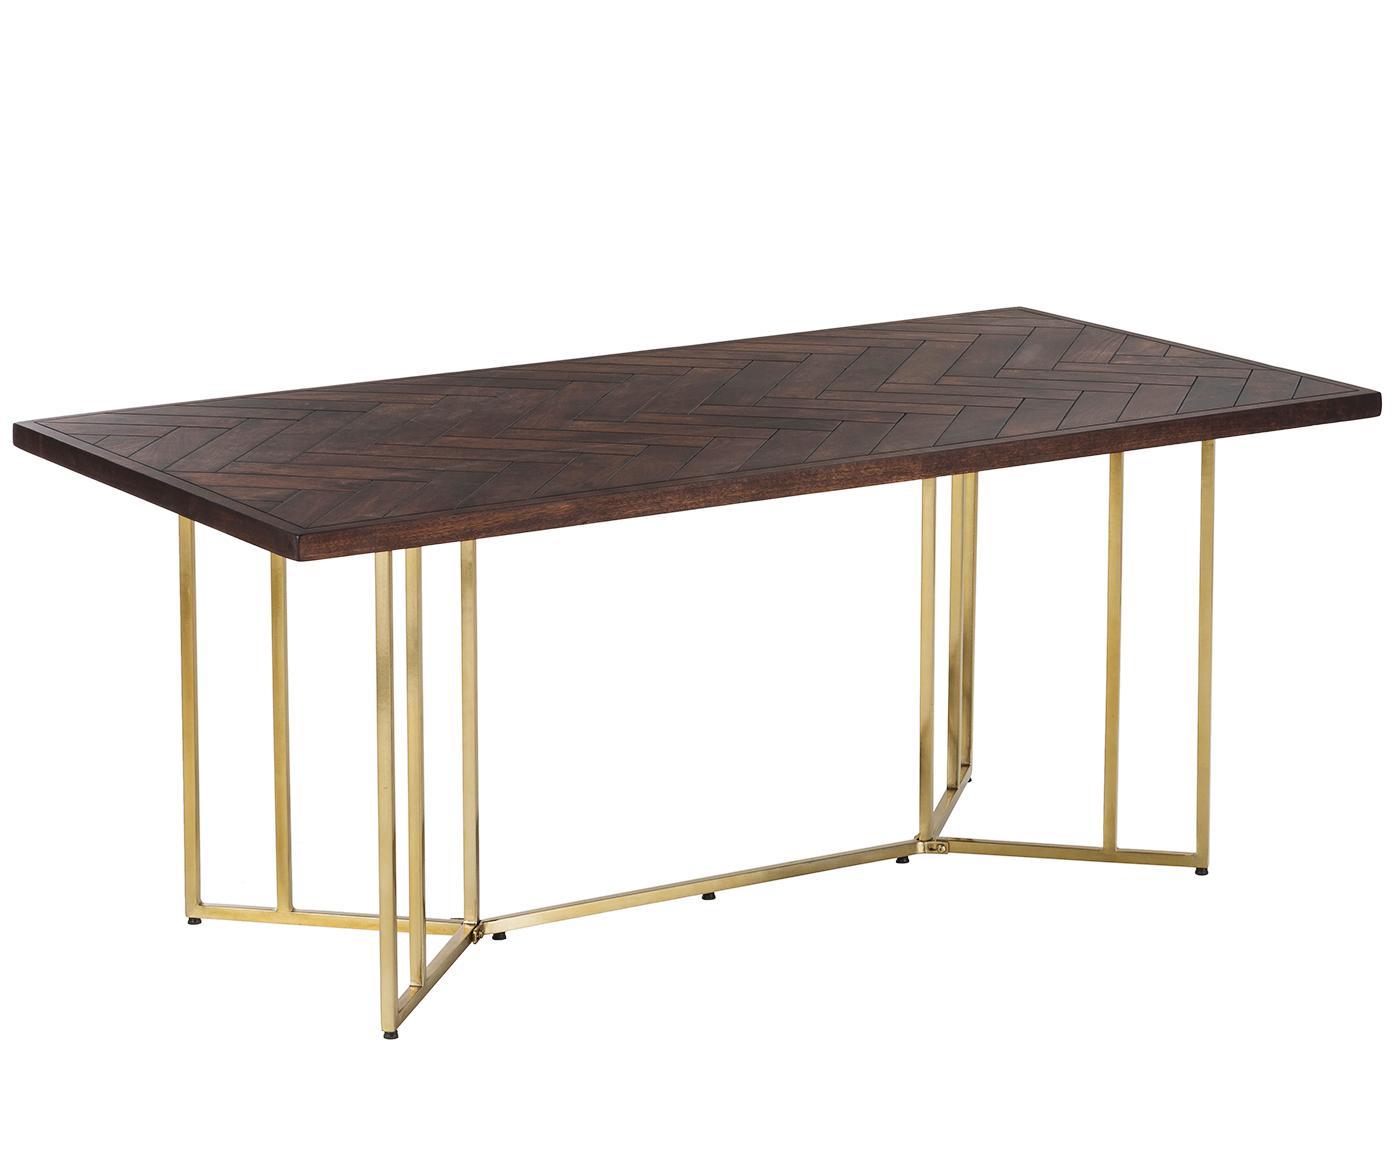 Massivholz Esstisch Luca mit Fischgrätmuster, Tischplatte: Massives Mangoholz, Gestell: Metall, beschichtet, Tischplatte: Mangoholz, dunkel lackiert Gestell: Goldfarben, B 180 x T 90 cm